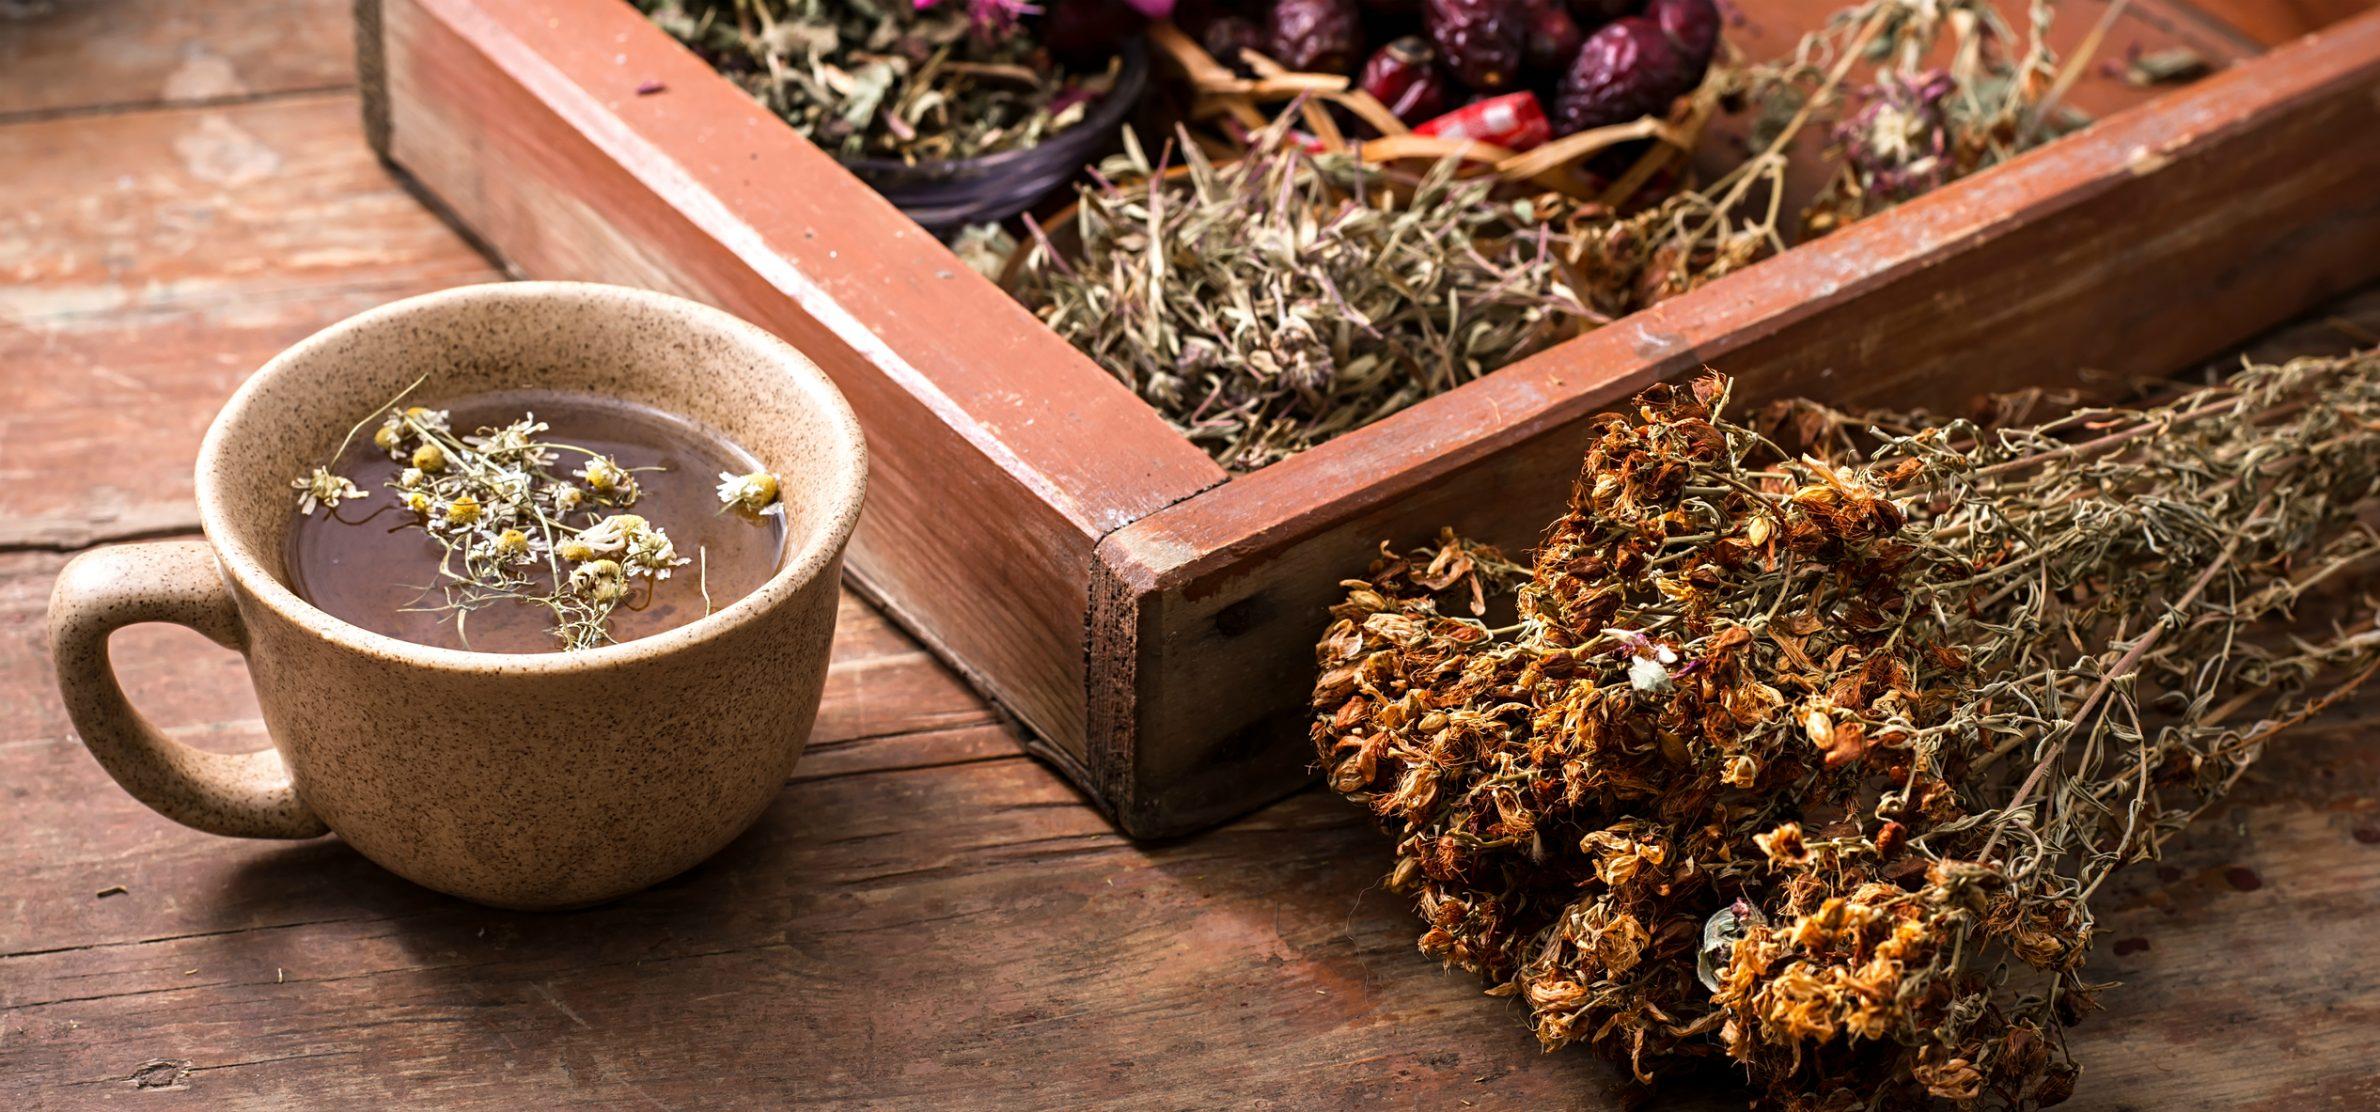 The High Weald Herbalist